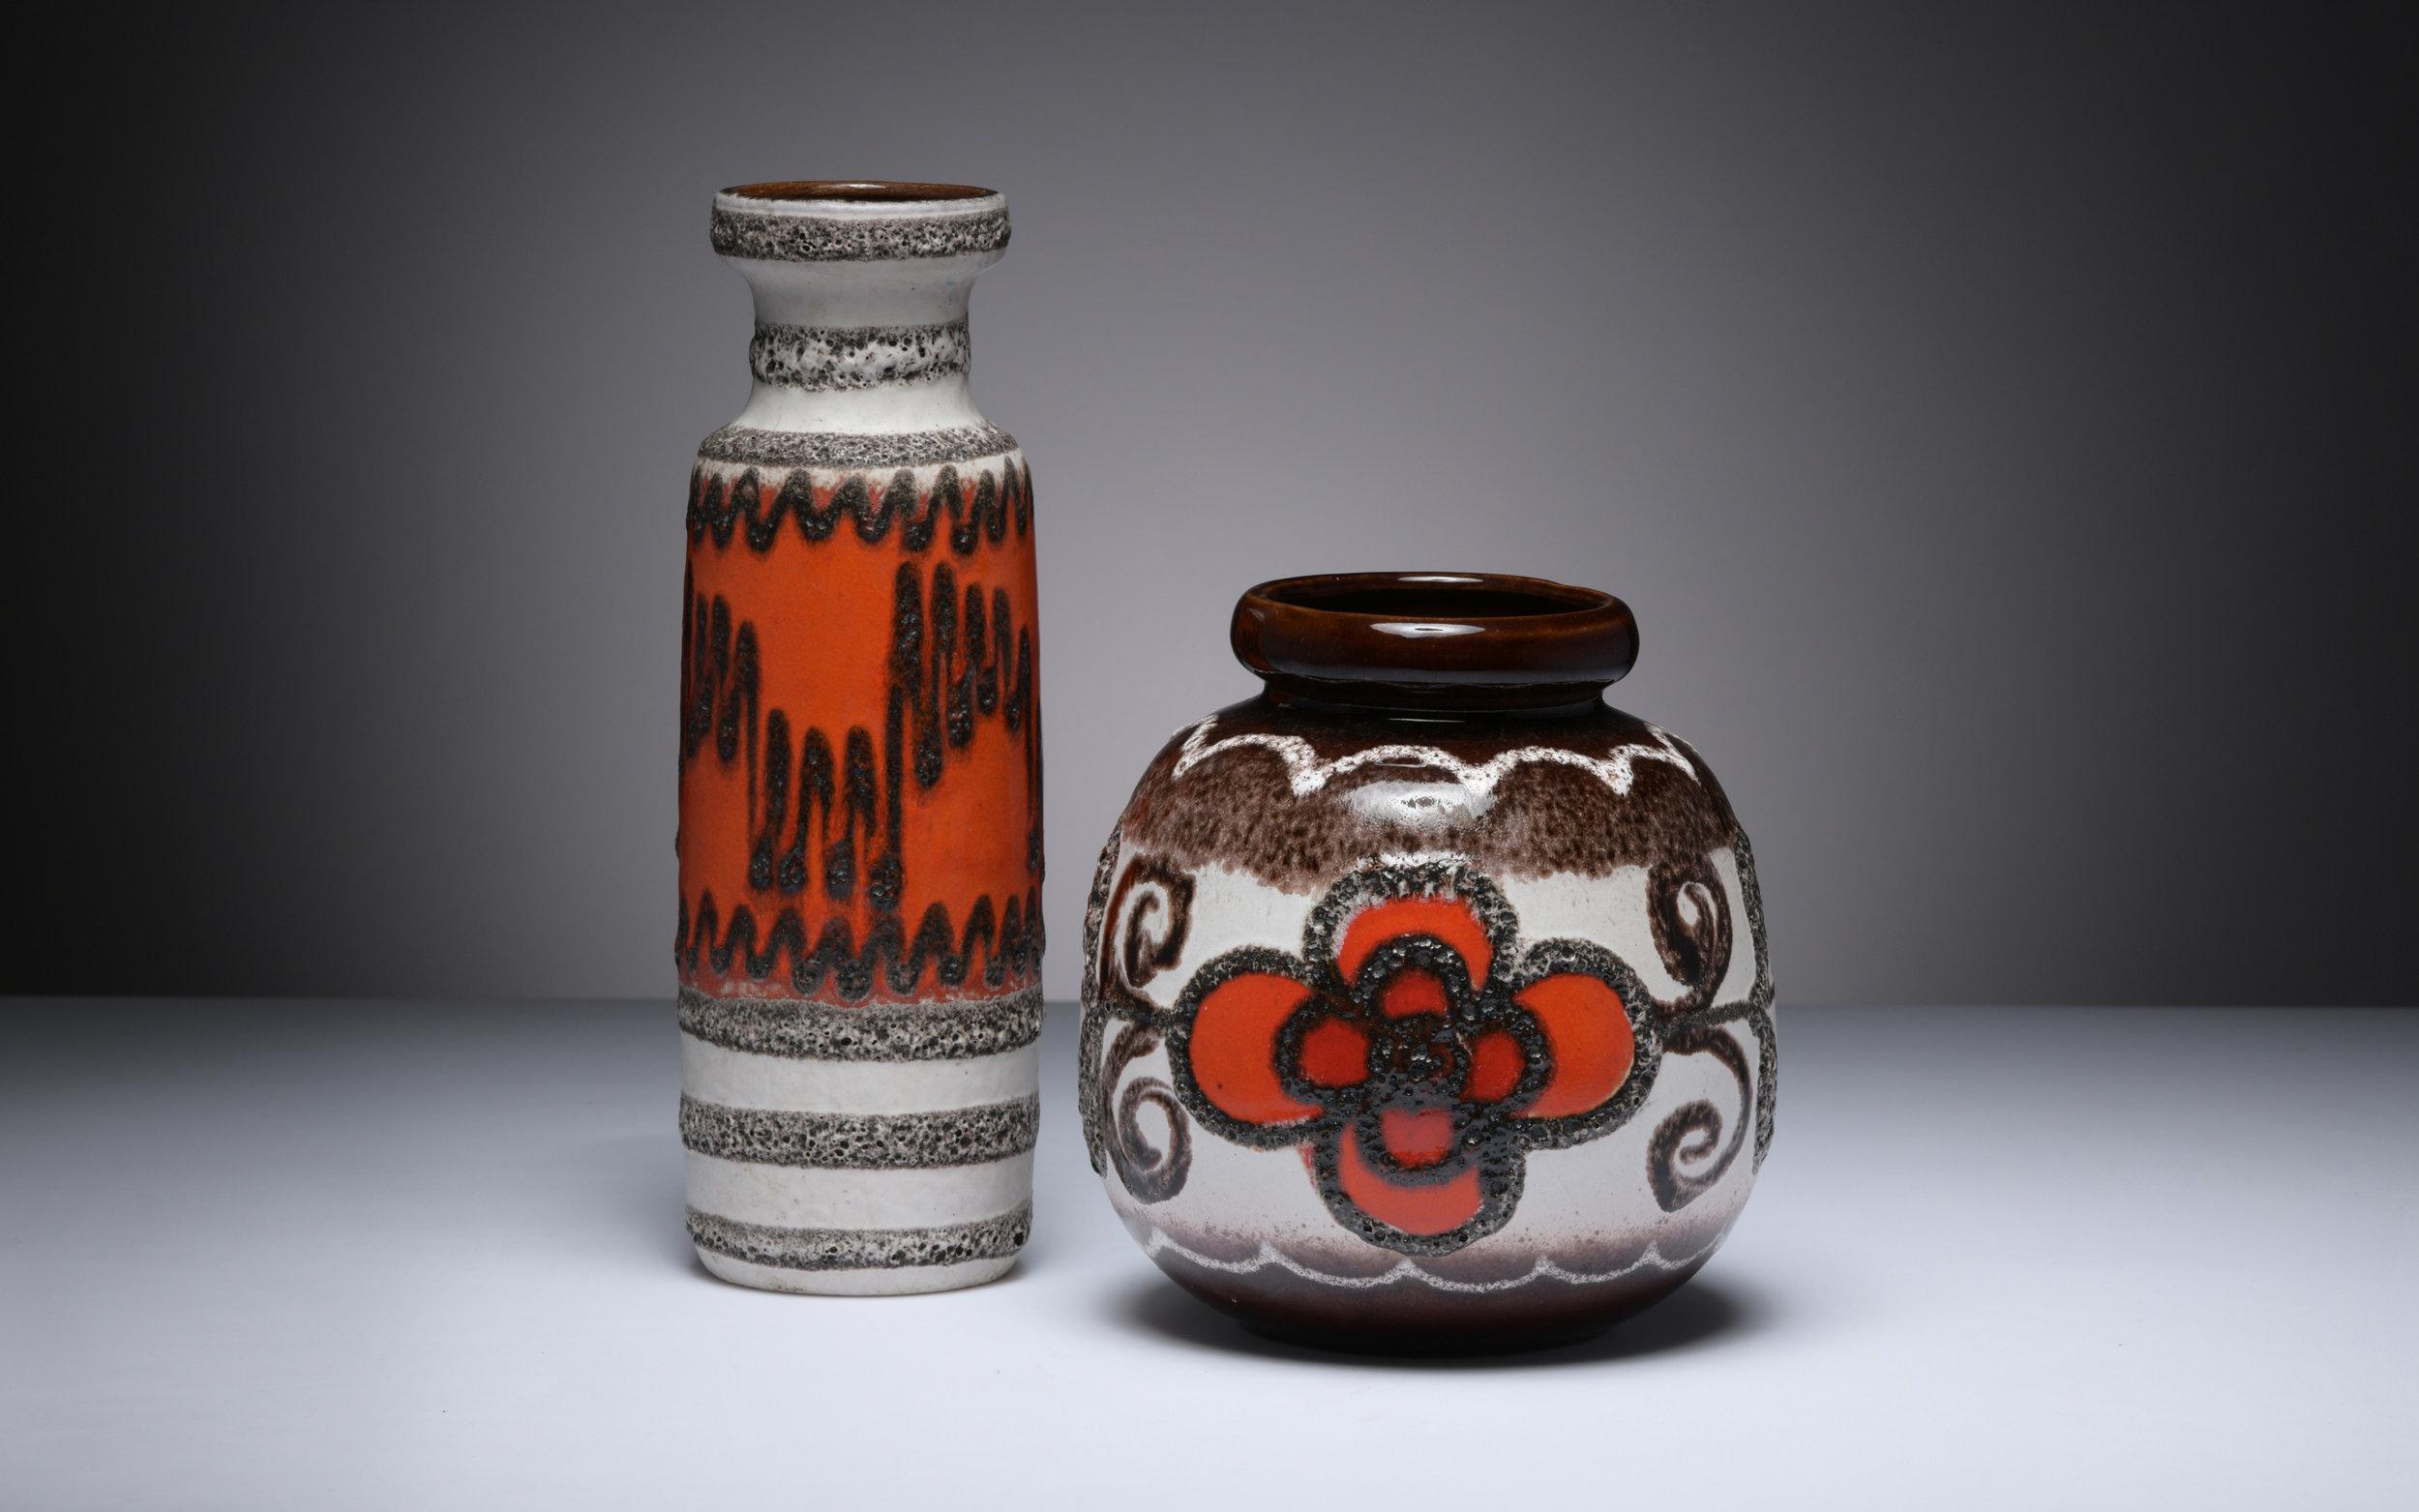 Scheurich Midcentury Vasen Keramik